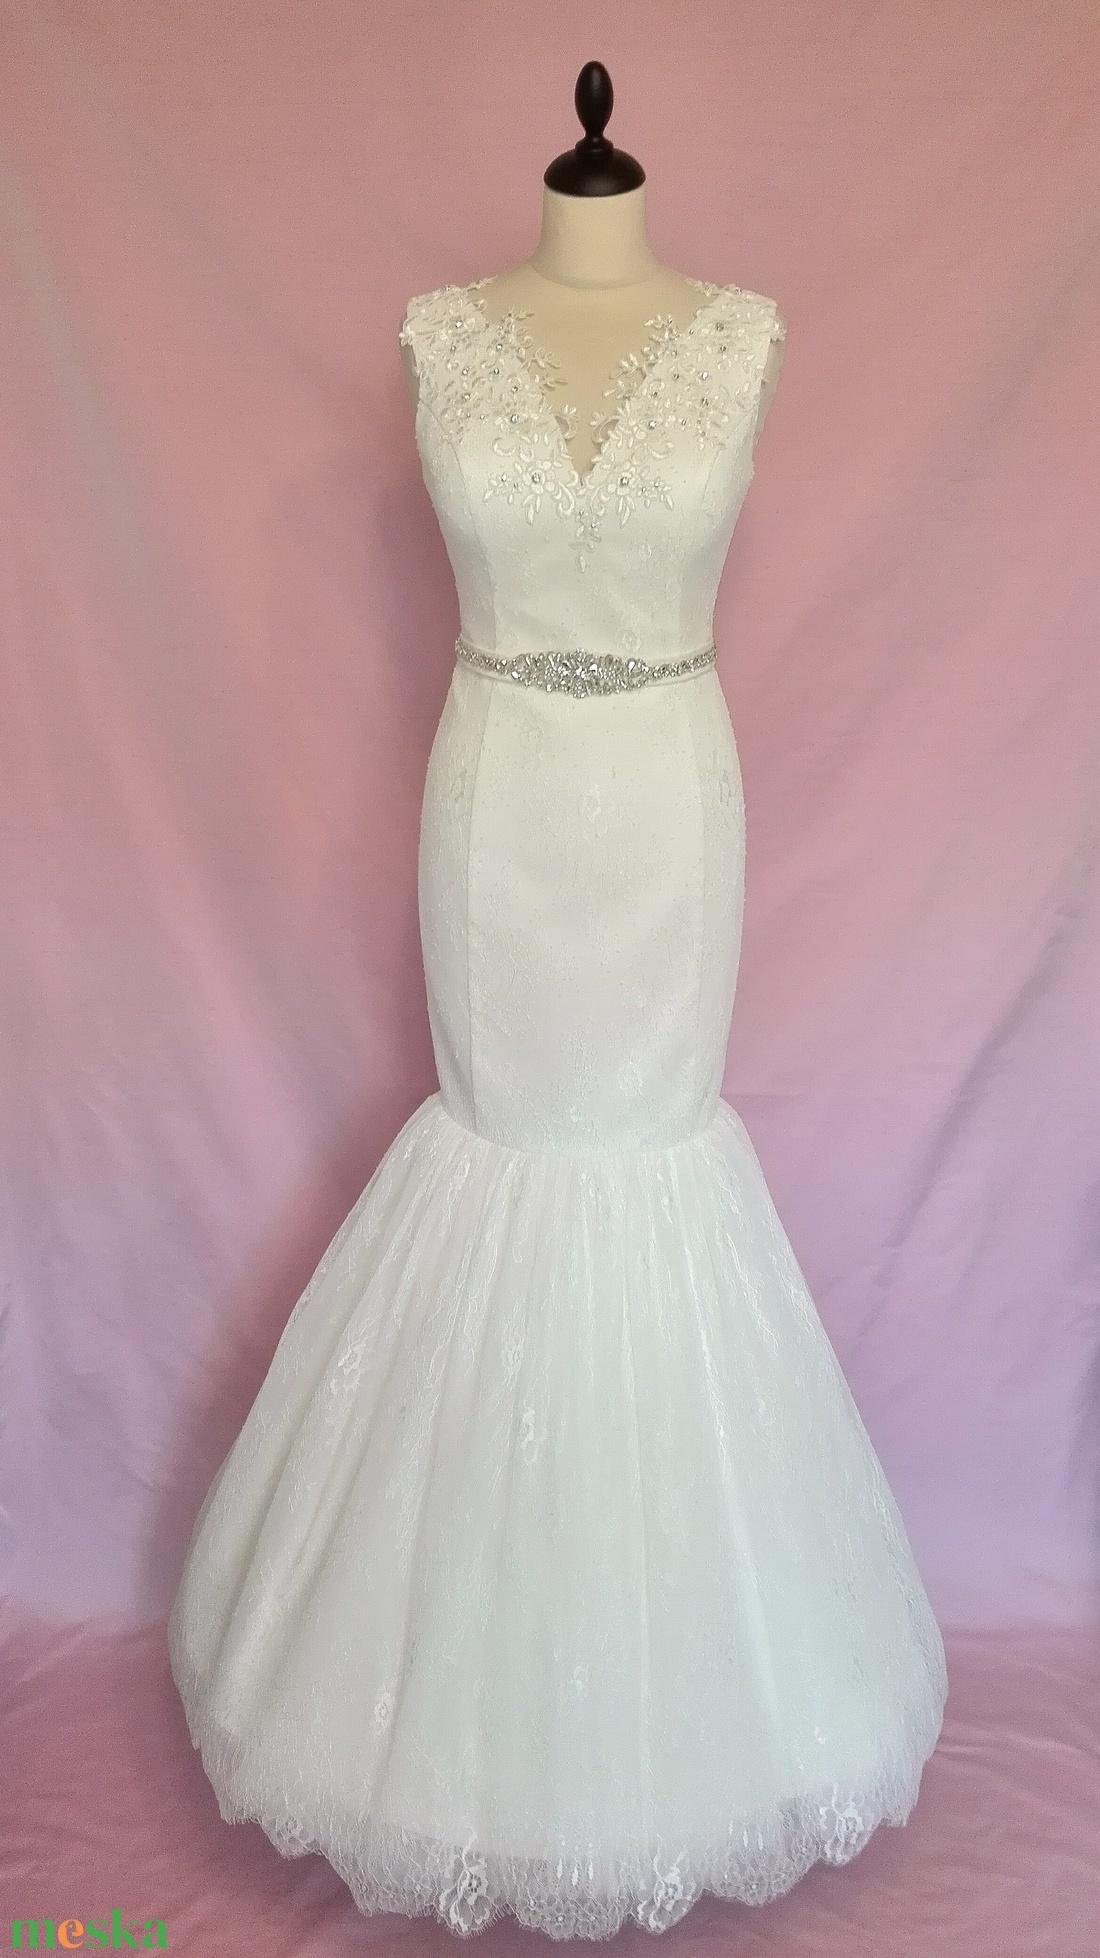 ... Csipke menyasszonyi ruha övvel (nicoledesign) - Meska.hu ... 751ac565a9